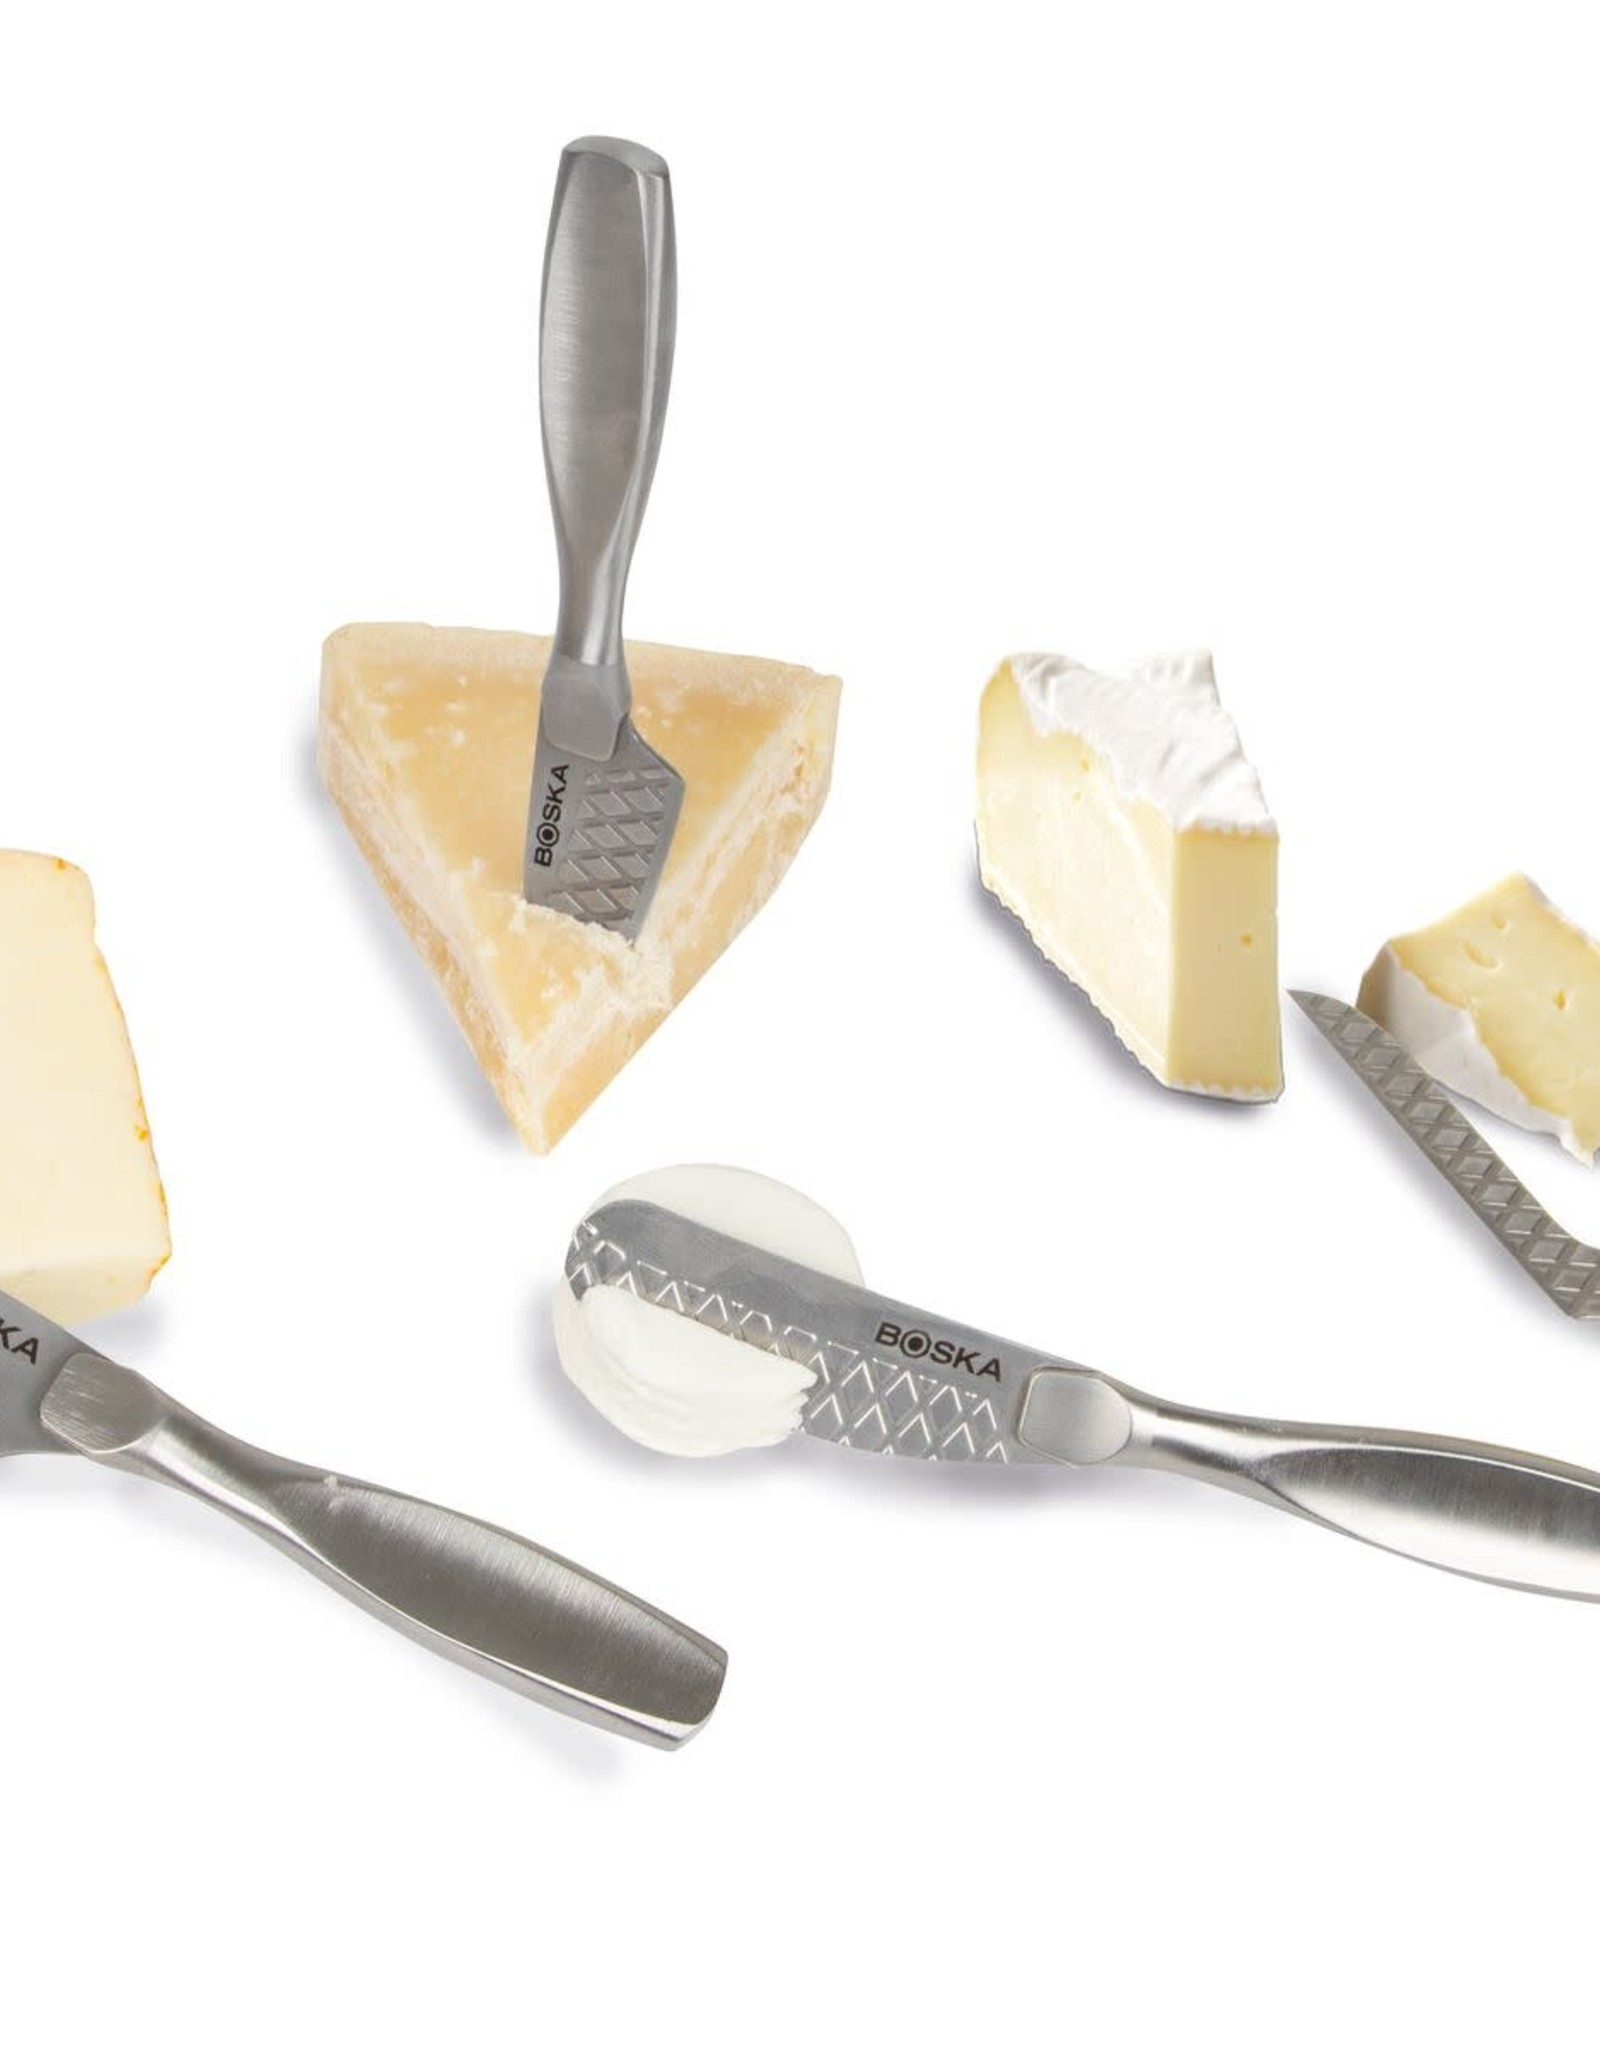 Boska Holland Boska Holland Cheese Knife Set Mini Monaco+